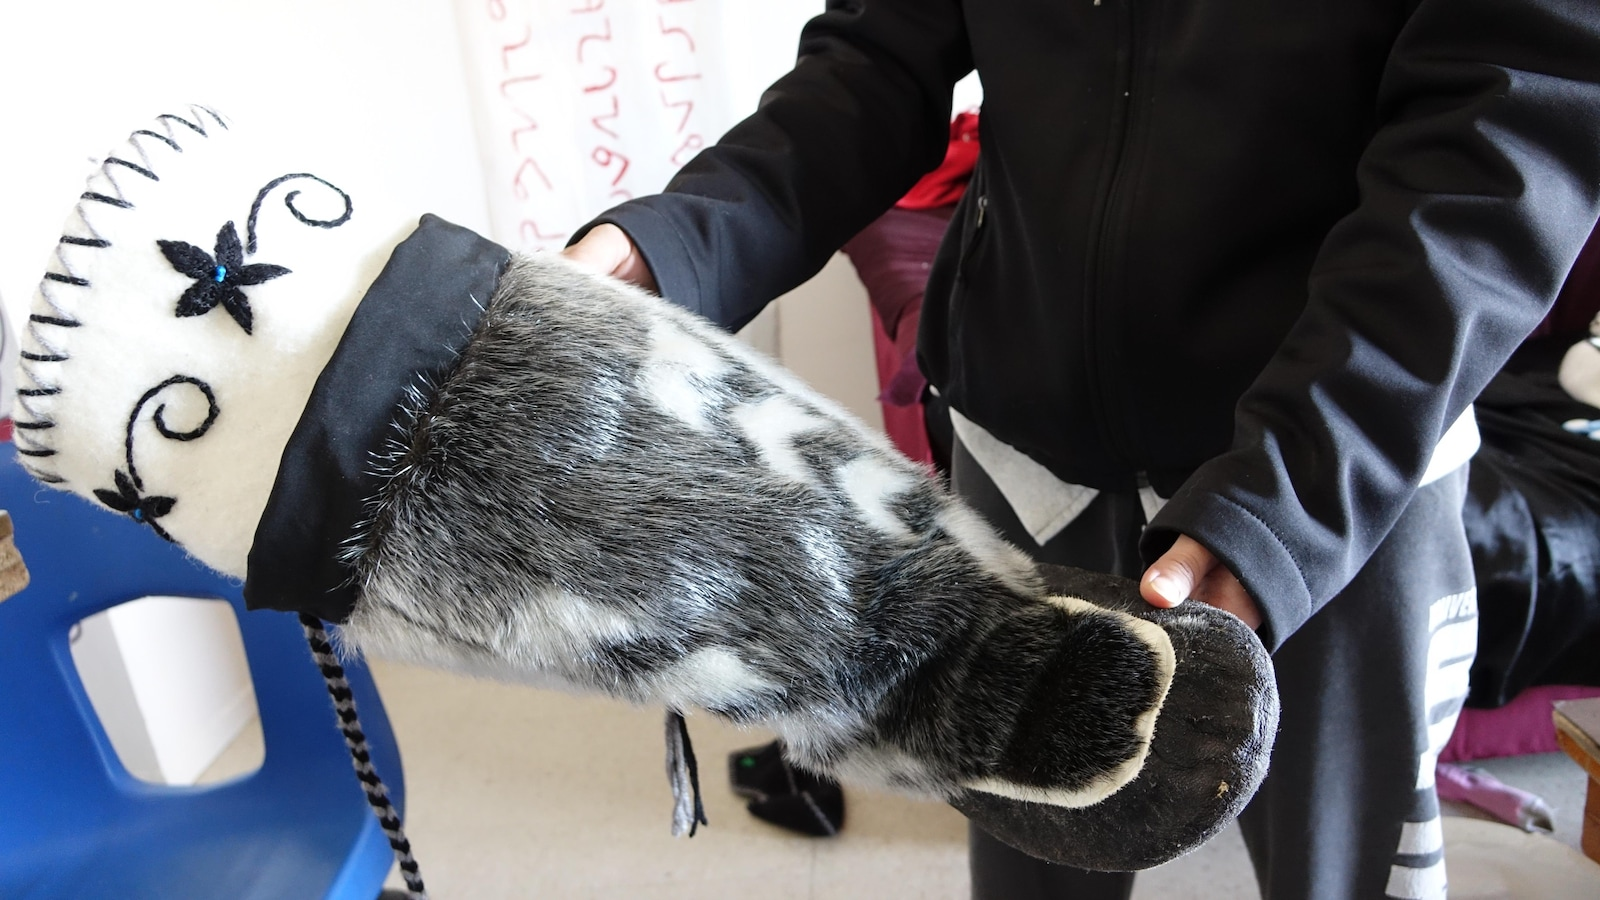 La jeune femme montre une botte en peau de phoque doublée de feutre.